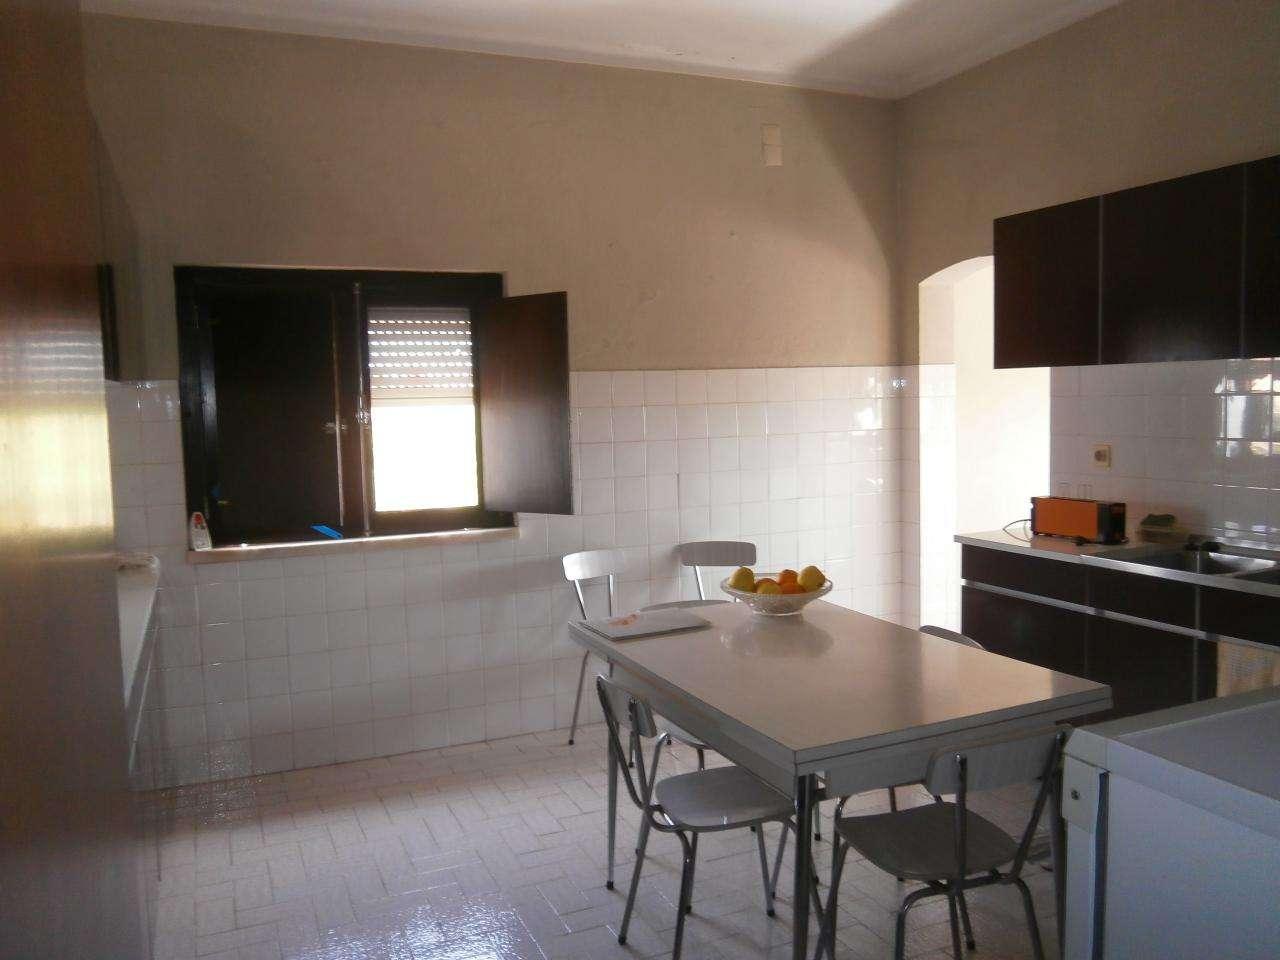 Moradia para comprar, Samora Correia, Benavente, Santarém - Foto 3